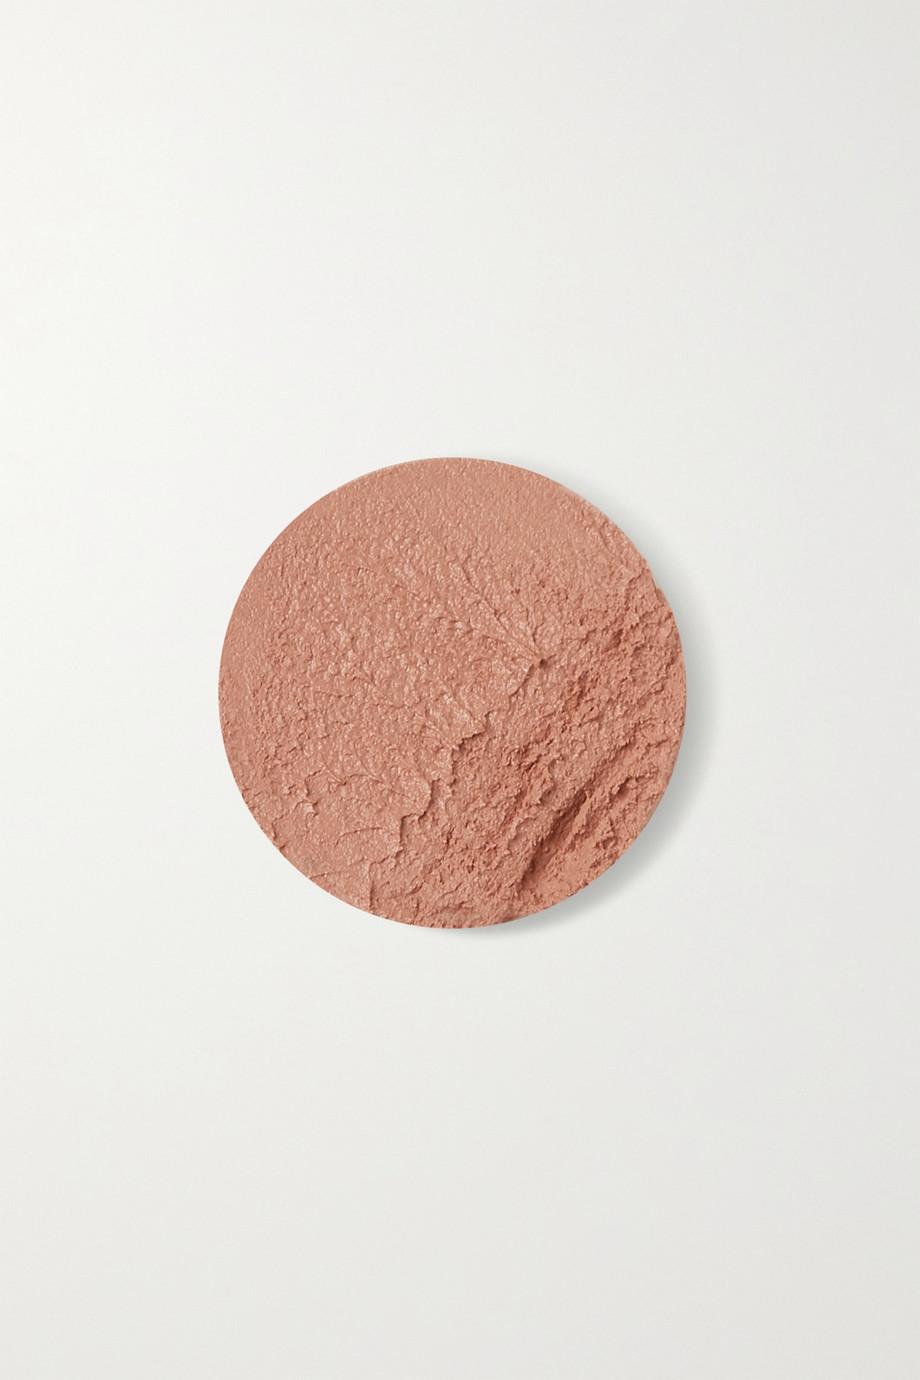 Kjaer Weis Lipstick - Calm